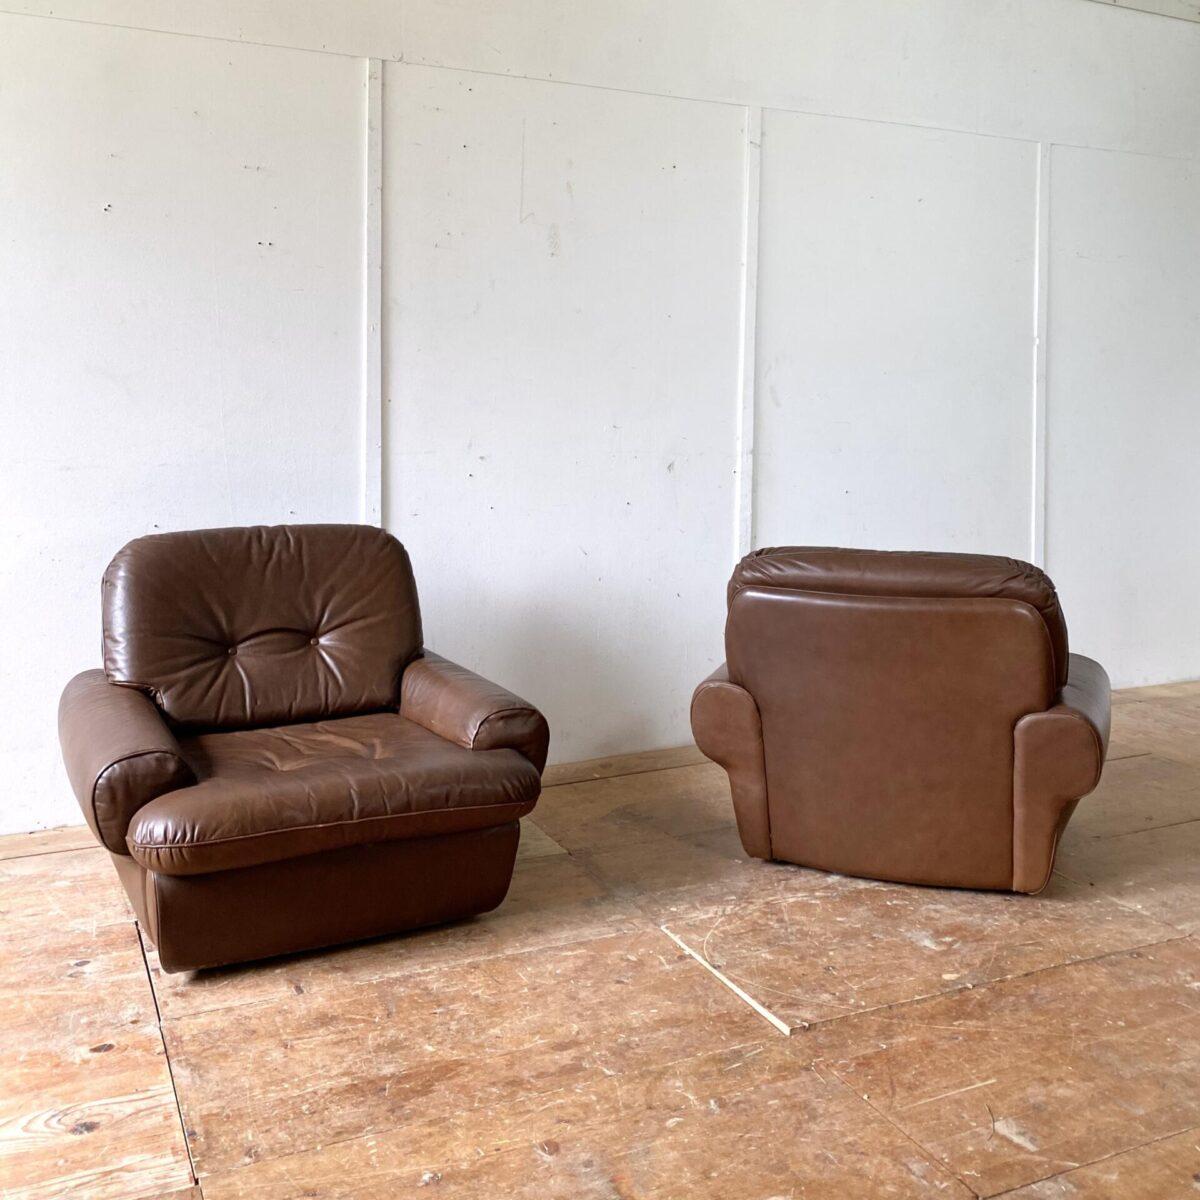 Deuxieme.shop midcentury Ledersessel Easy chairs. Vintage Ledersessel und Sofa aus den 70er Jahren. Sofa 250.- Länge 220cm. Sessel 230.- pro Stück. Breite 96cm Tiefe 90cm Höhe 78cm Sitzhöhe 35cm. Die Polstergruppe ist in gutem allgemein Zustand, die Couch hat auf der Rückseite ein paar Druckstellen und ein Kratz in der Oberfläche.